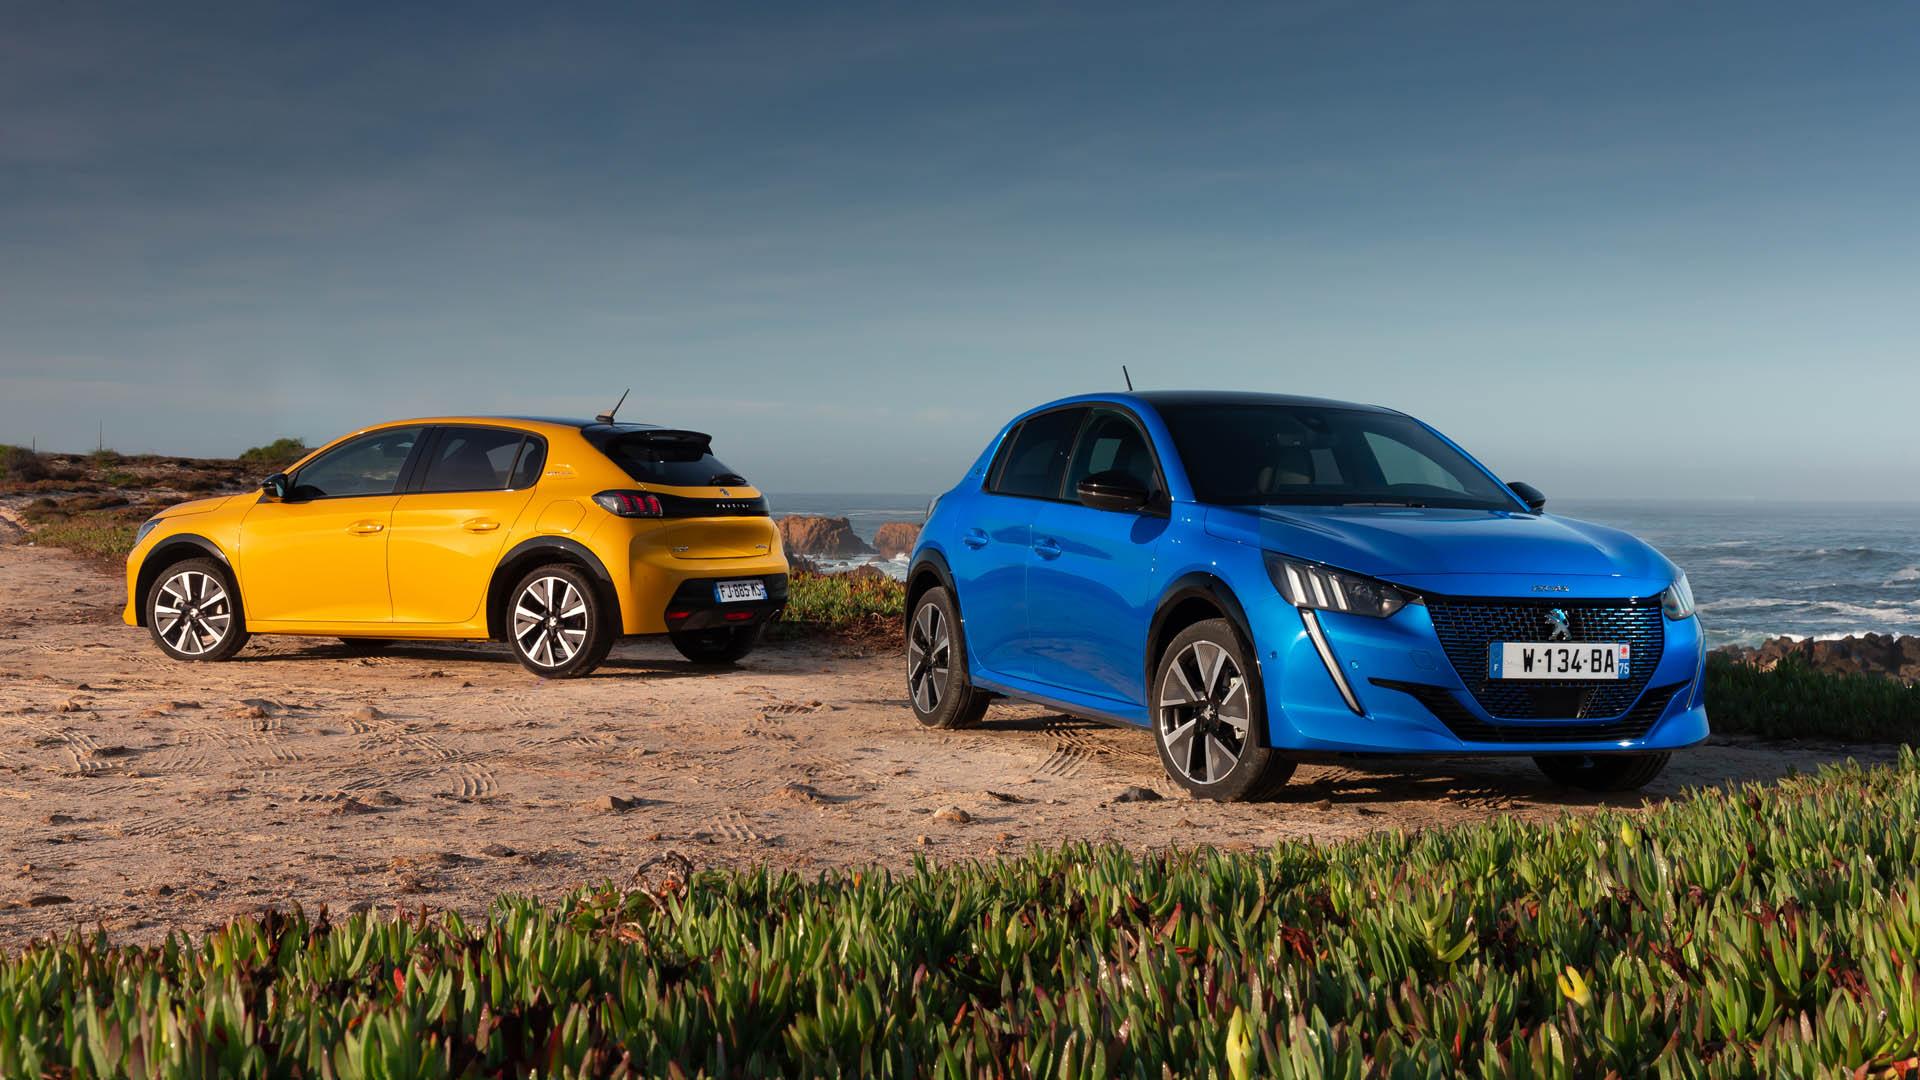 La demanda del Peugeot e-208 supera las expectativas